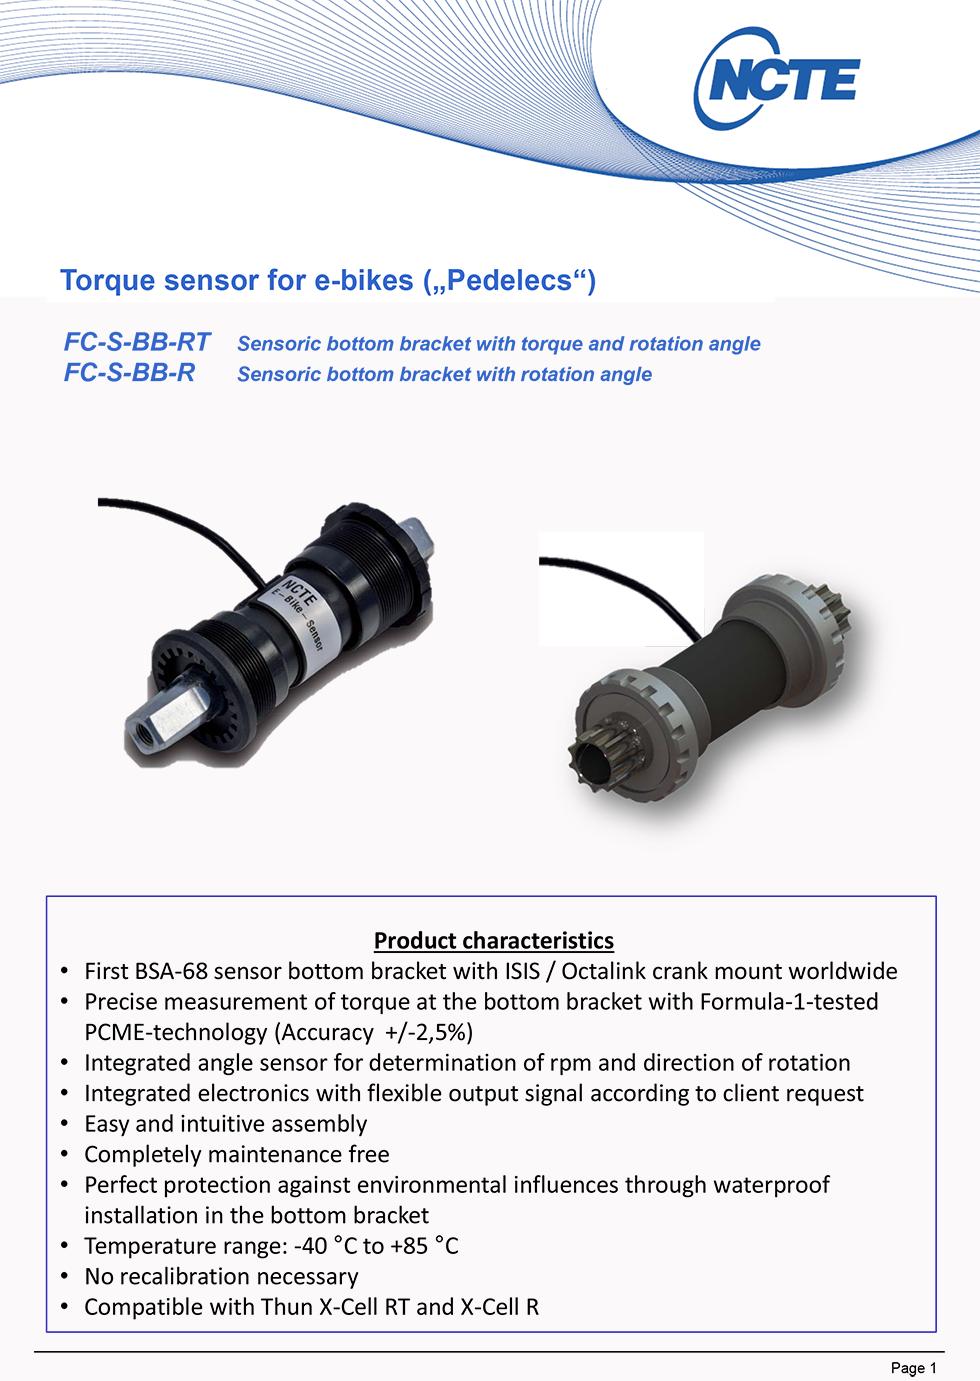 FC-S-BB-RT 电动自行车扭矩传感器